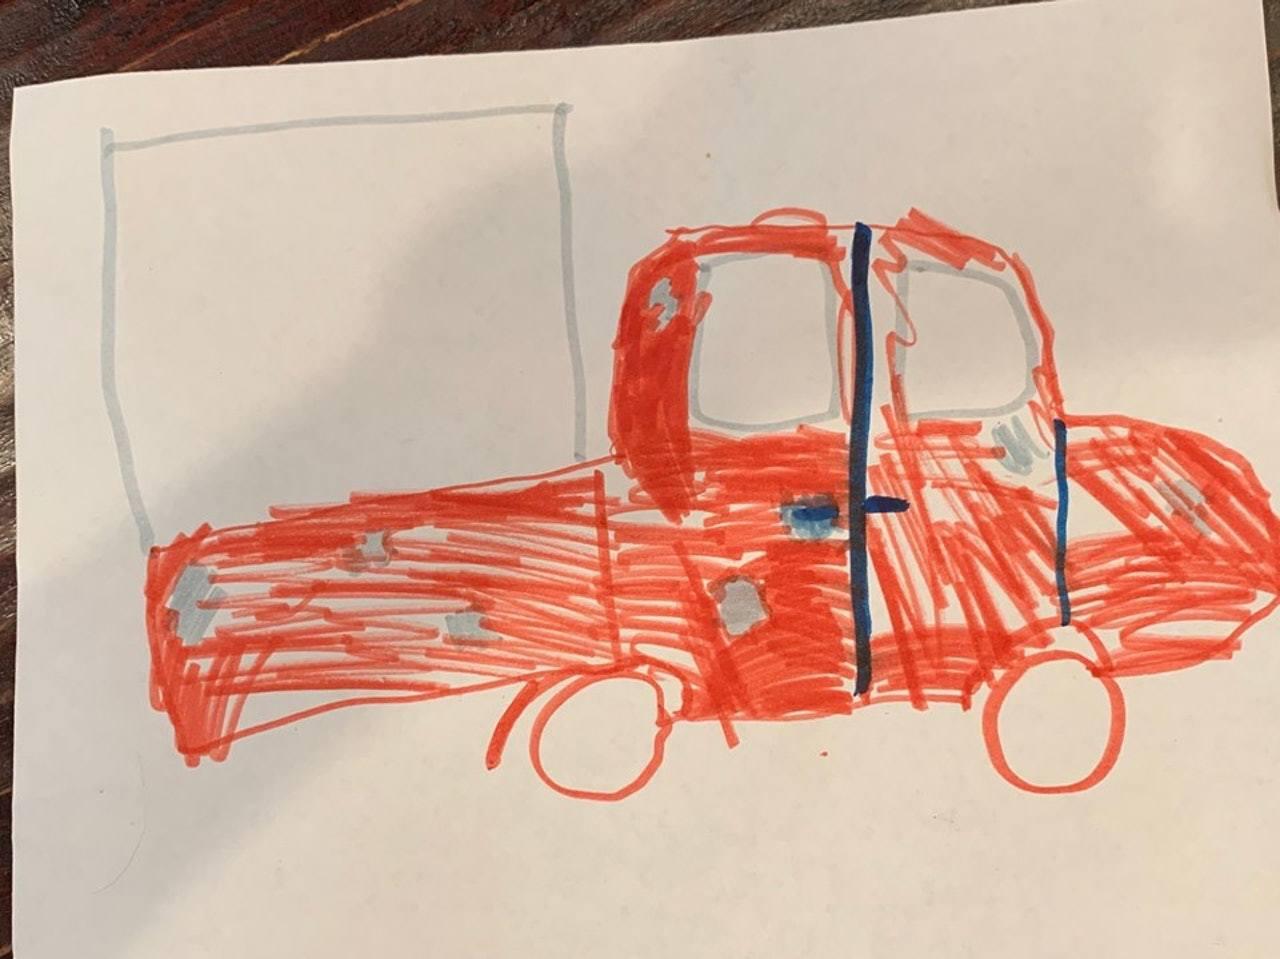 美國一名9歲女童憑超強記憶力,神還原只看過一次的賊車,令警員及網民都非常驚訝。 ...